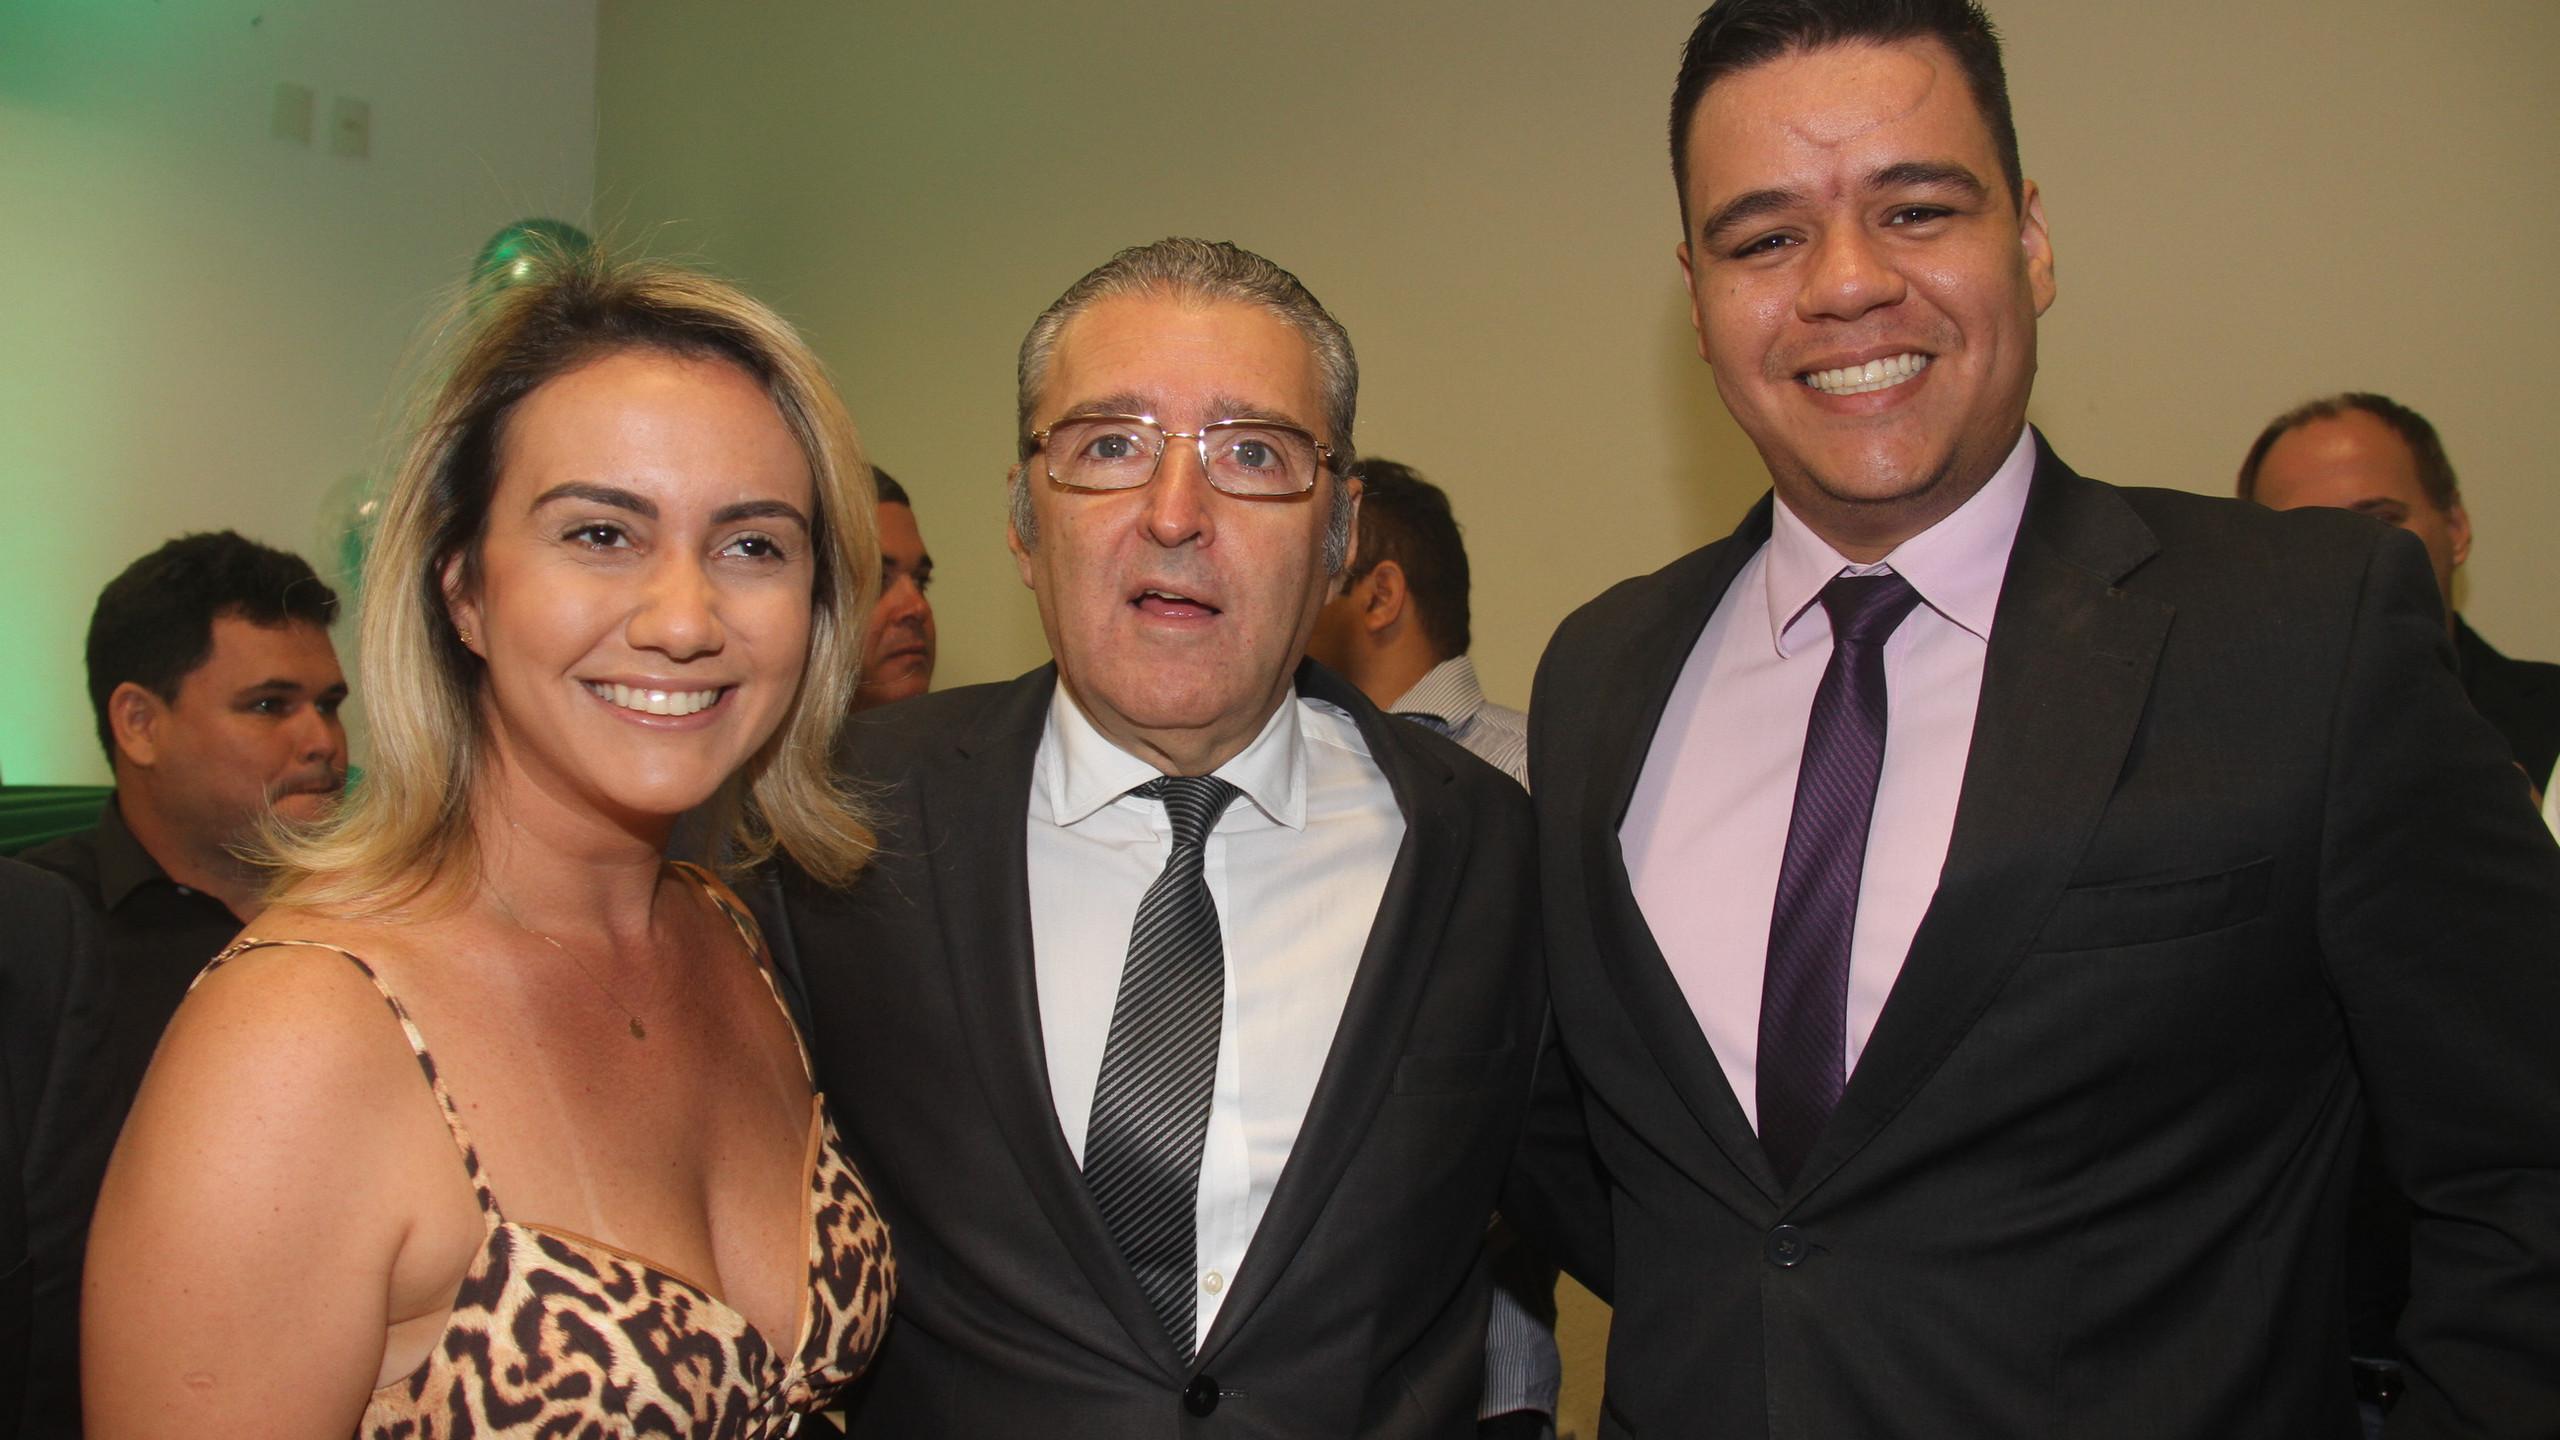 O Dir. Geral do HSLZ Plínio Valério Tuzzolo entre os representantes da SEGEP, Ana Caroline Mello e Guilherme Aranha.